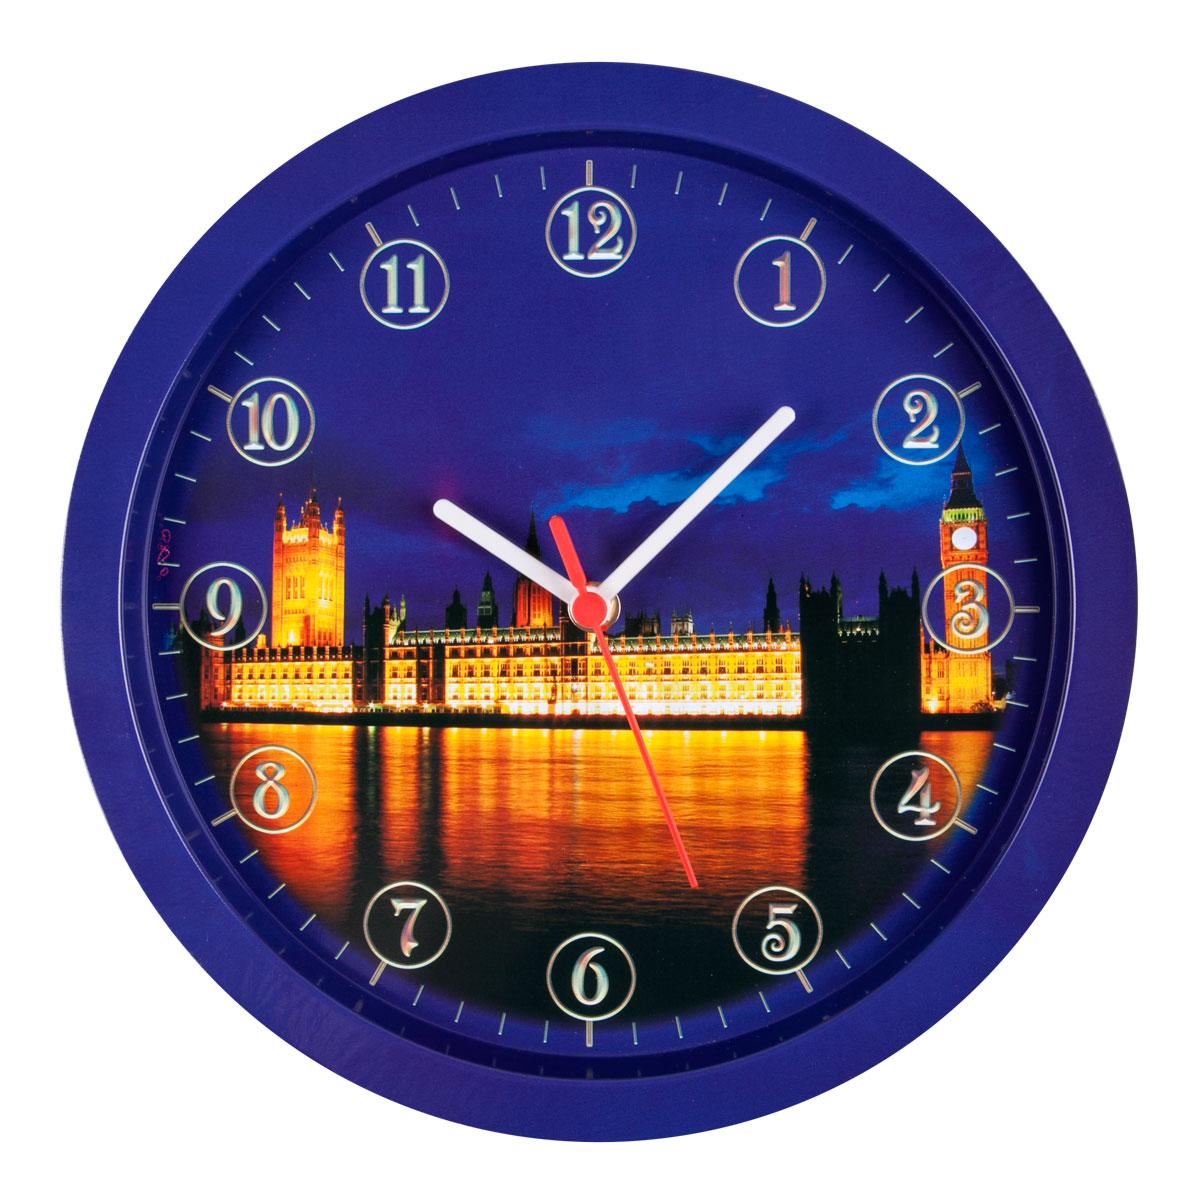 Часы настенные Miolla Лондон, цвет: синий, оранжевый54 009303Оригинальные настенные часы круглой формы выполнены из стали. Часы имеют три стрелки - часовую, минутную и секундную и циферблат с цифрами. Необычное дизайнерское решение и качество исполнения придутся по вкусу каждому. Оформите свой дом таким интерьерным аксессуаром или преподнесите его в качестве презента друзьям, и они оценят ваш оригинальный вкус и неординарность подарка.